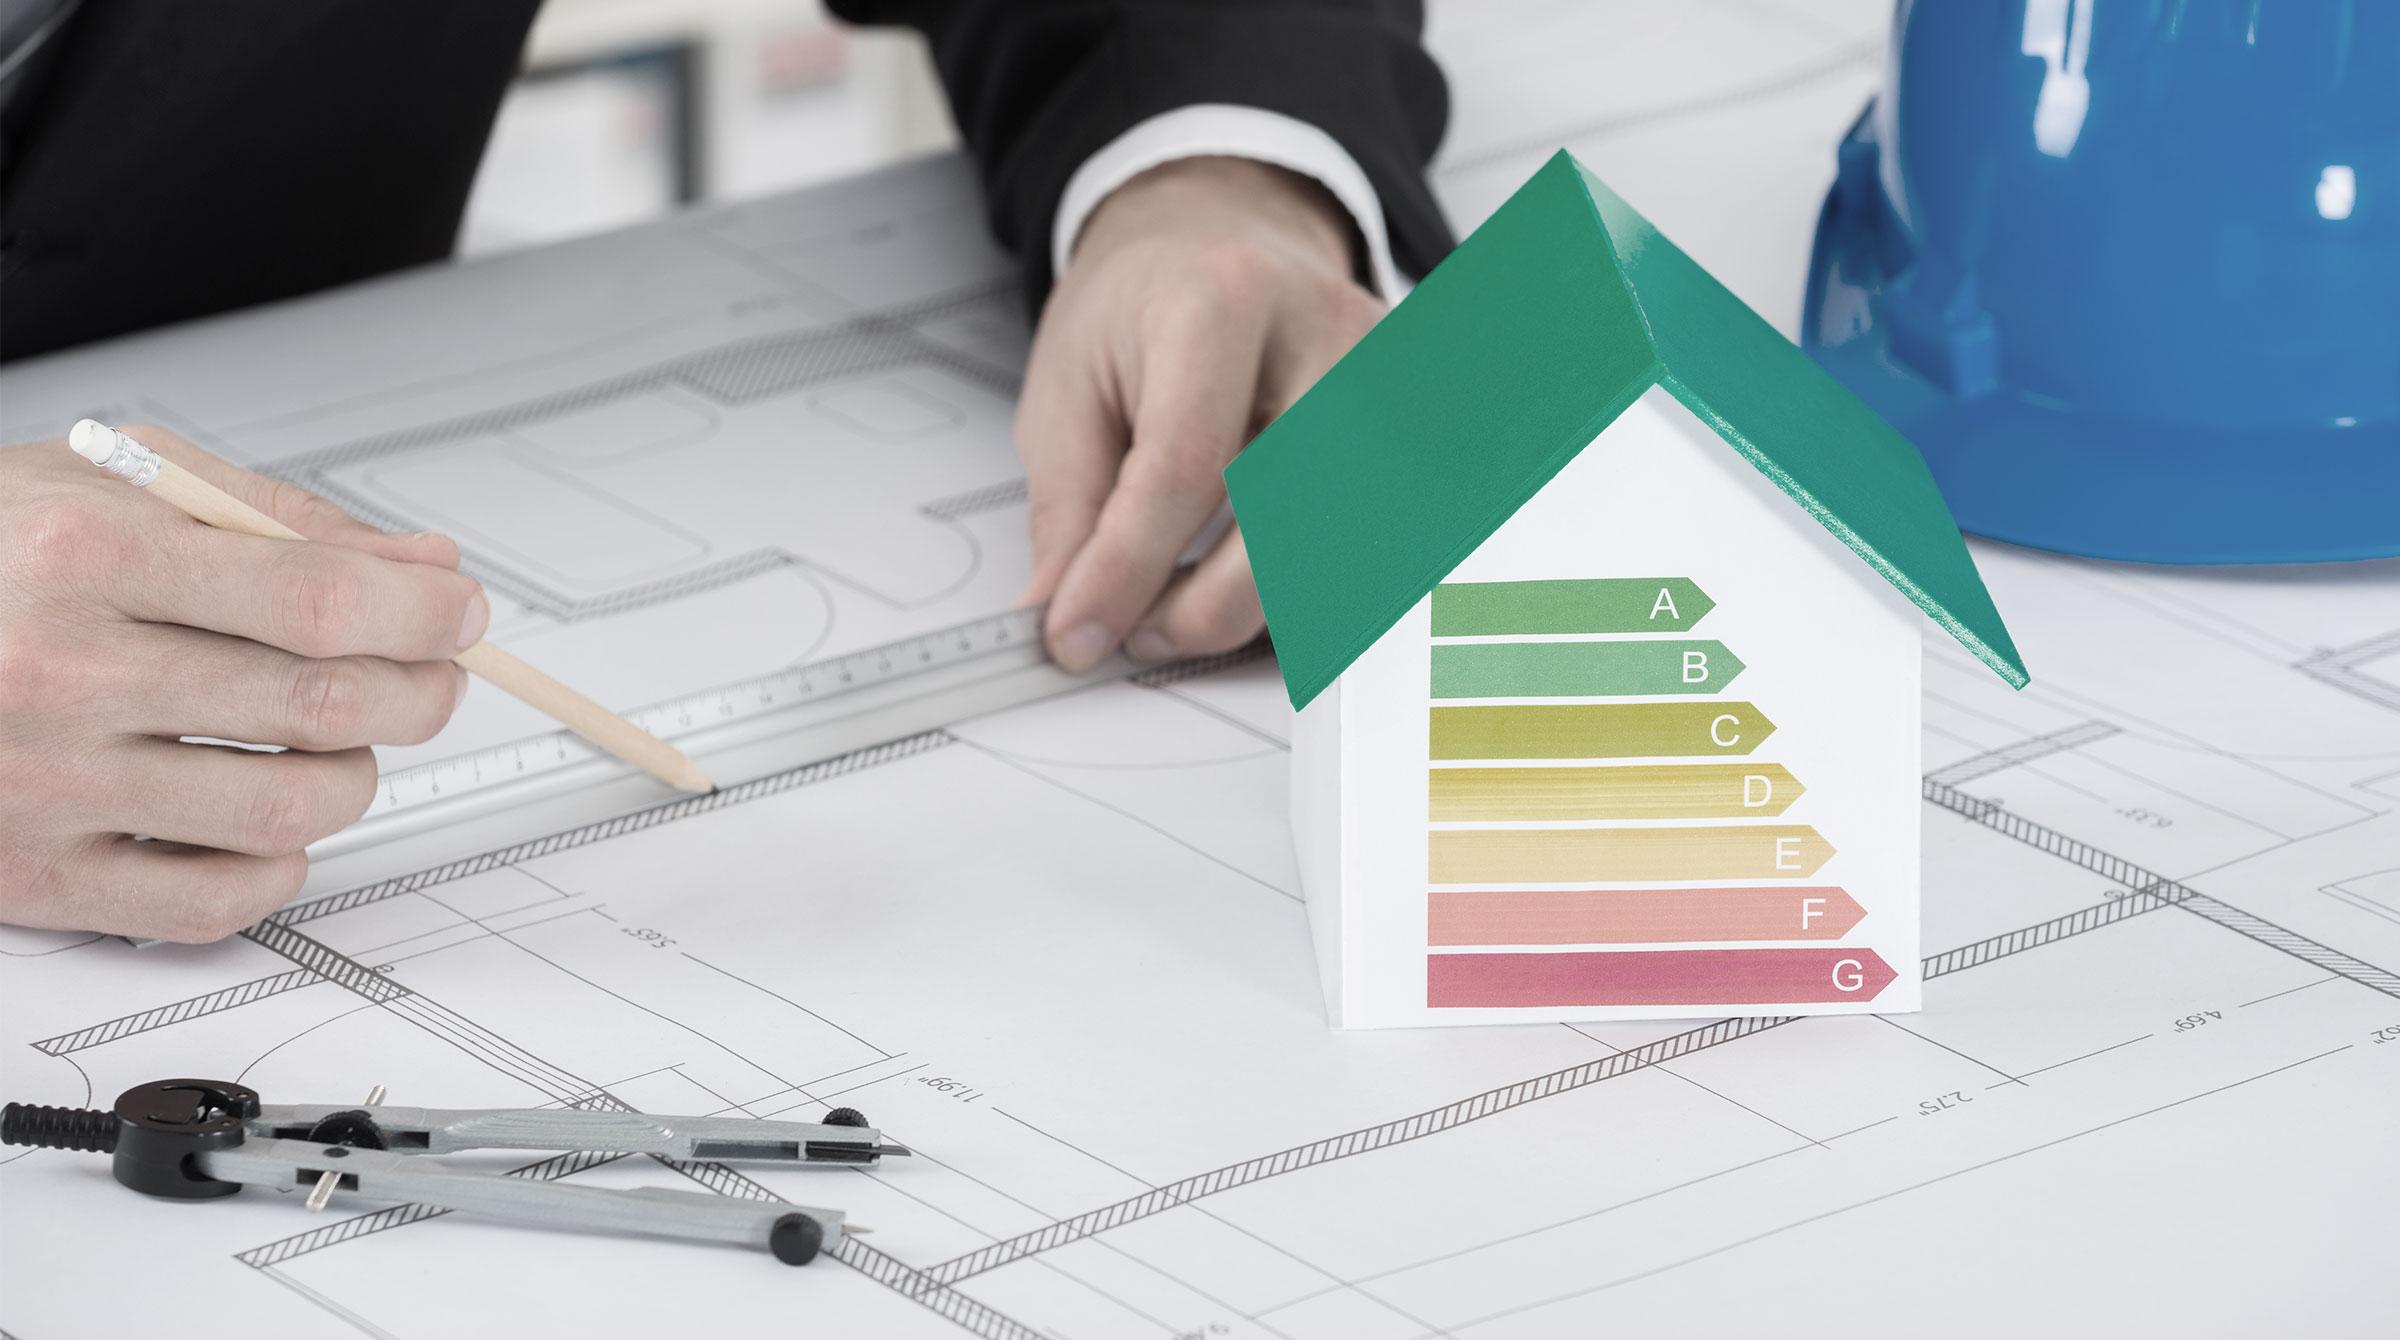 Introbild Energieeffizient Bauen